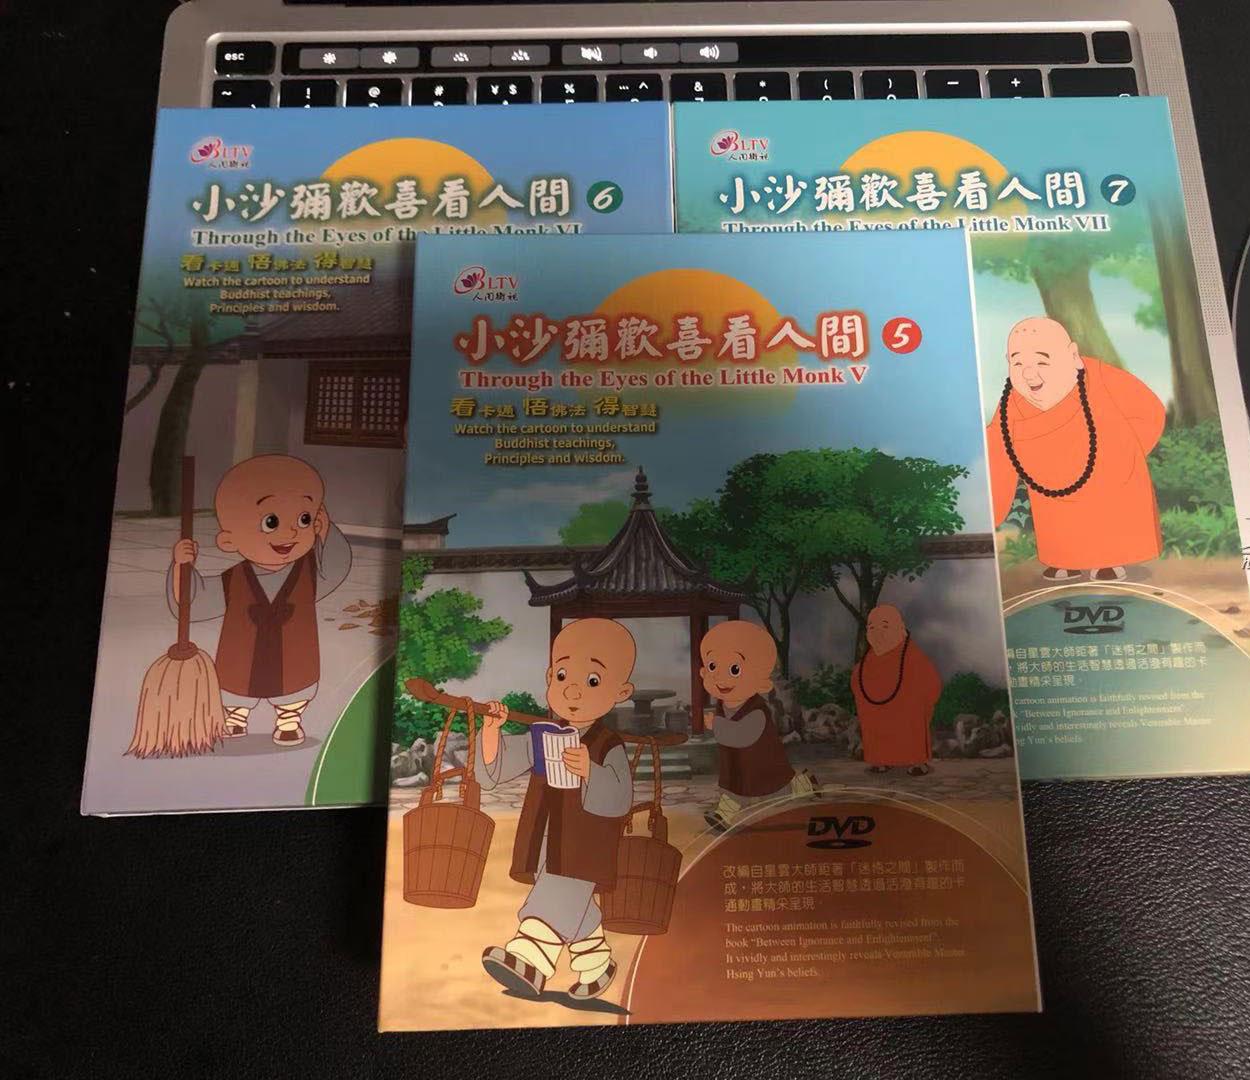 儿童教育动画片《小沙弥欢喜看人间》1-7部共21集下载 mp4国语 百度云网盘